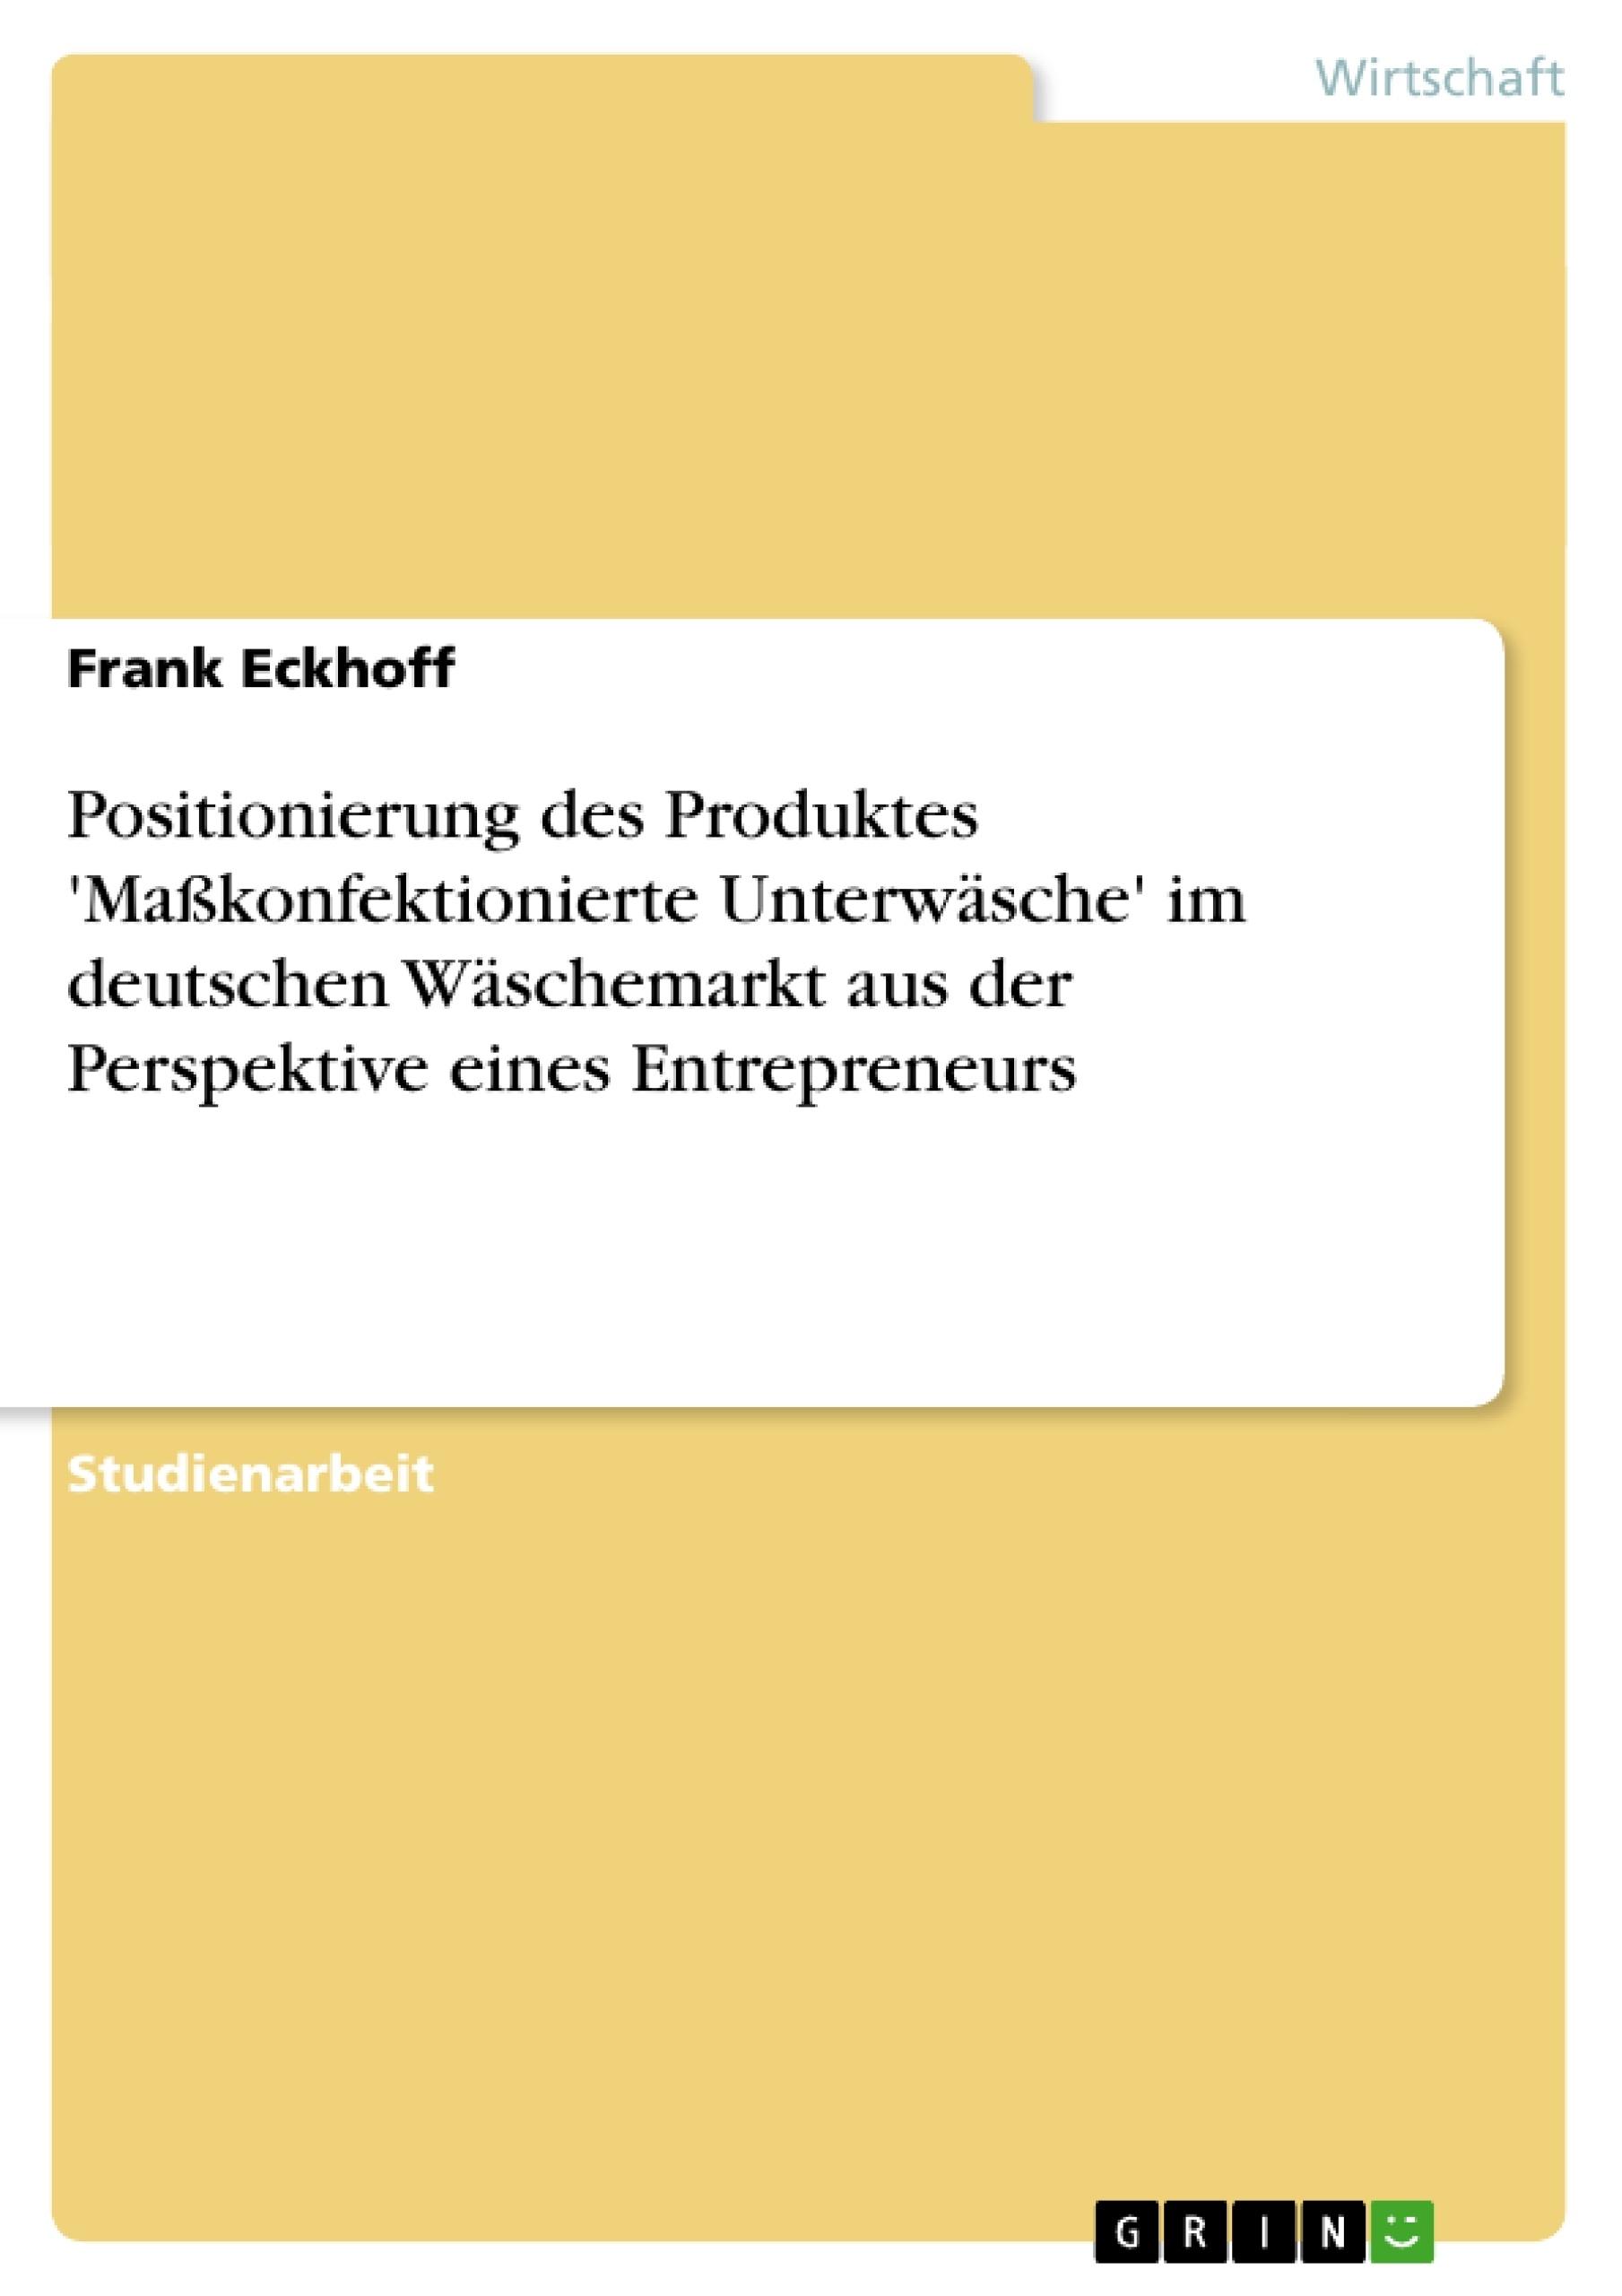 Titel: Positionierung des Produktes 'Maßkonfektionierte Unterwäsche' im deutschen Wäschemarkt aus der Perspektive eines Entrepreneurs